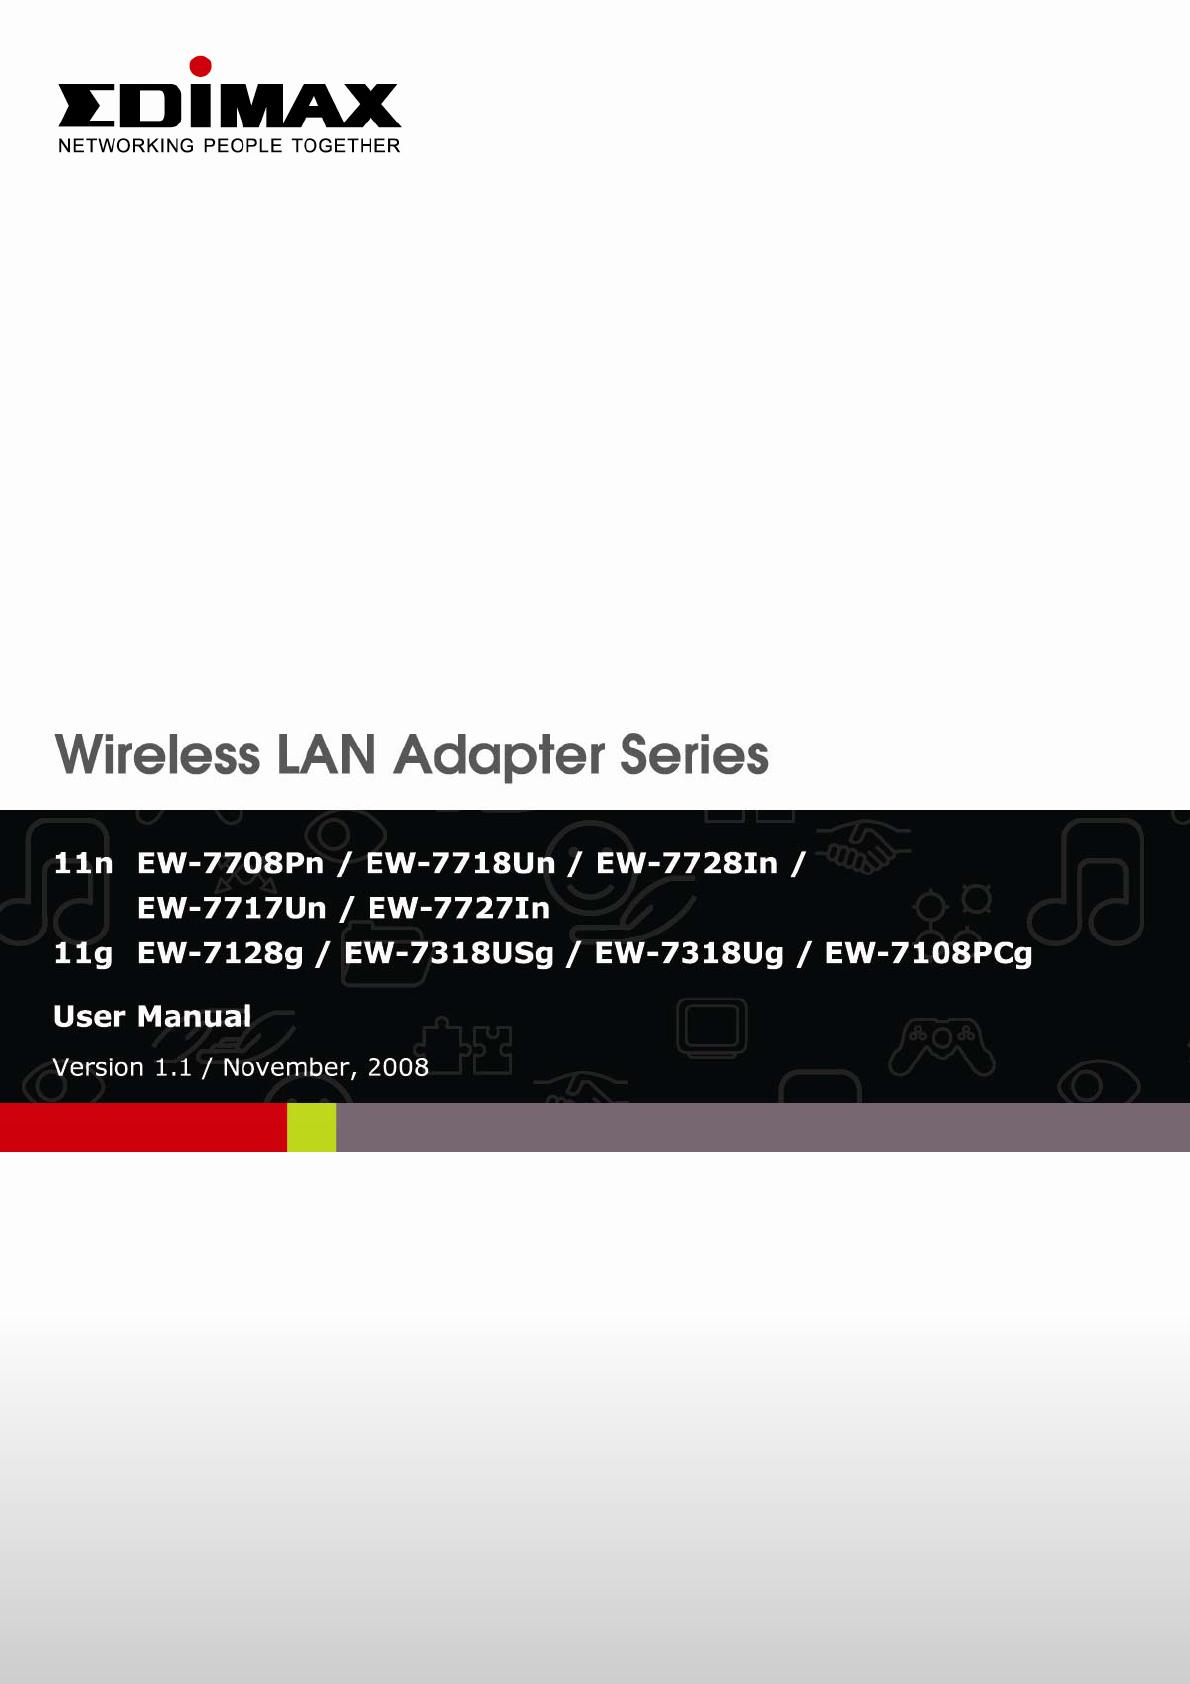 EDIMAX 7727IN DRIVER WINDOWS XP